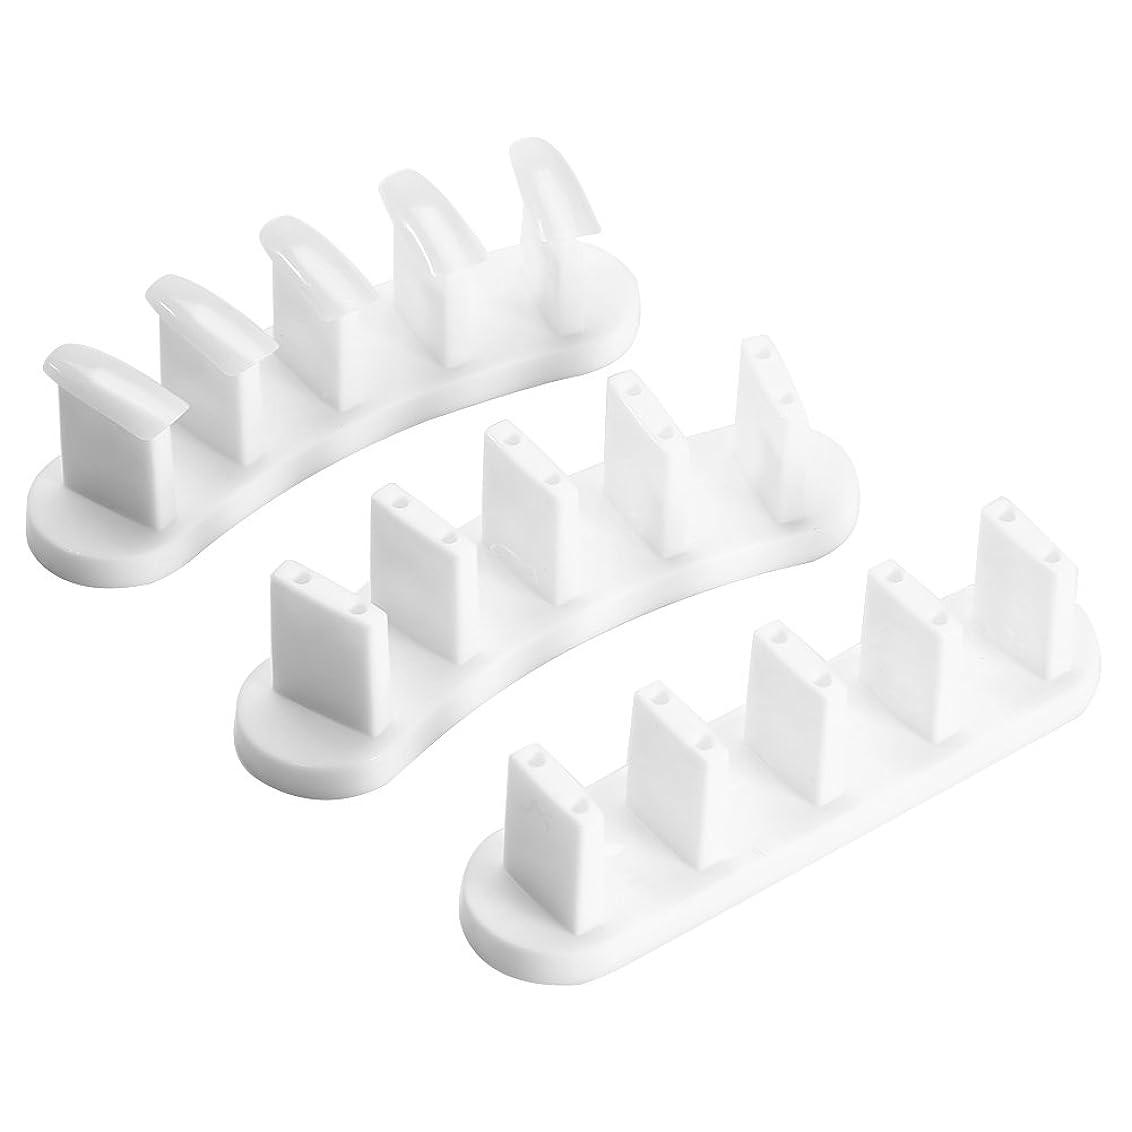 私野心聖人ネイルチップホルダー スタンドベース3pcs + 100個の練習爪のヒント 1セット (白)